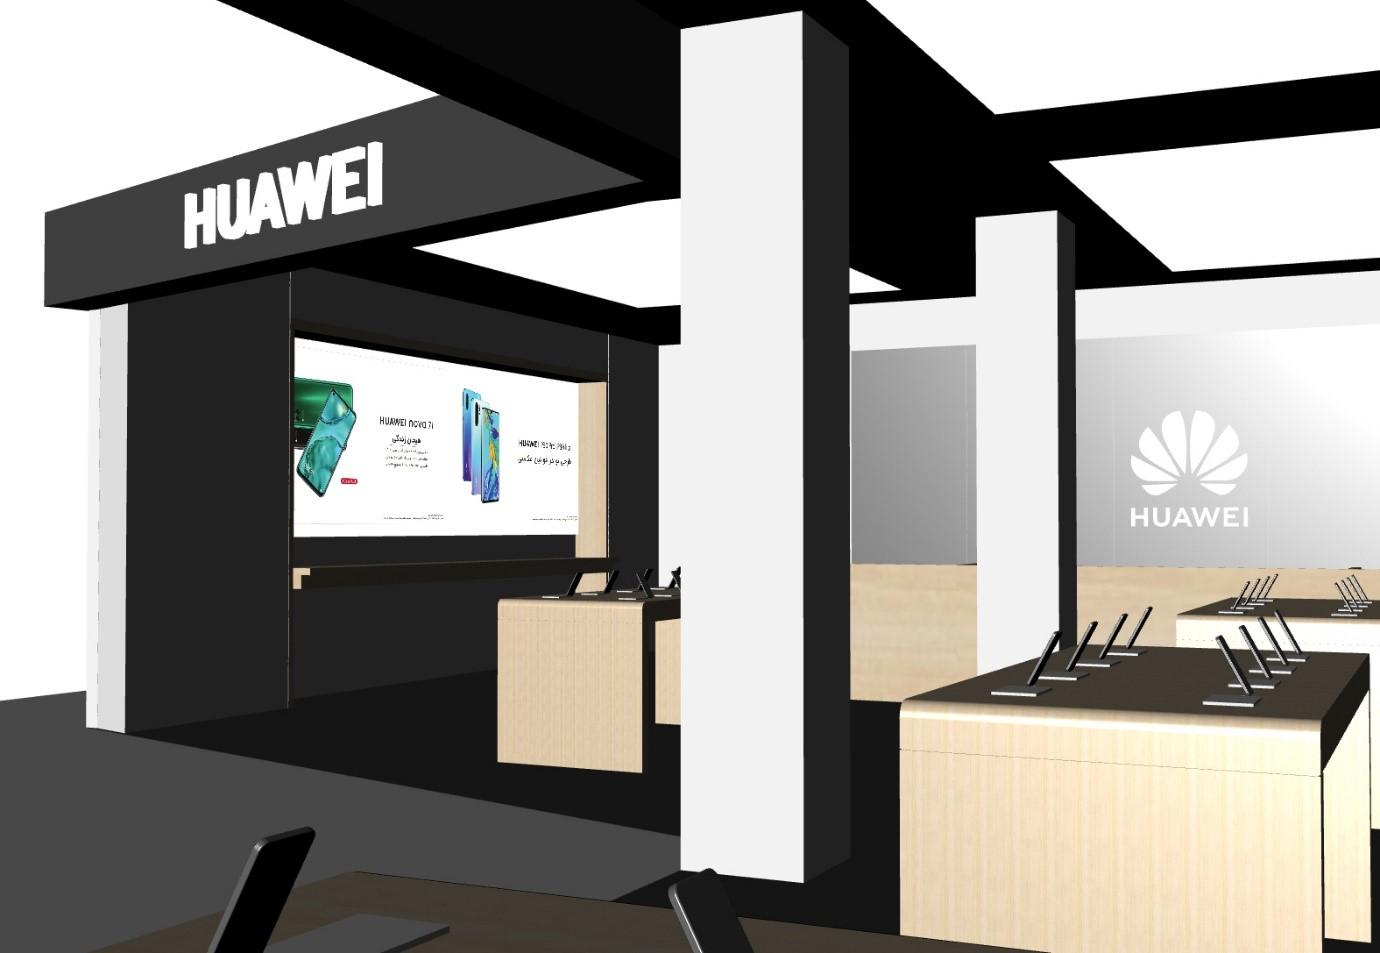 افتتاح برندشاپهای جدید هوآوی در بازار موبایل چارسو و بازار موبایل ایران 2